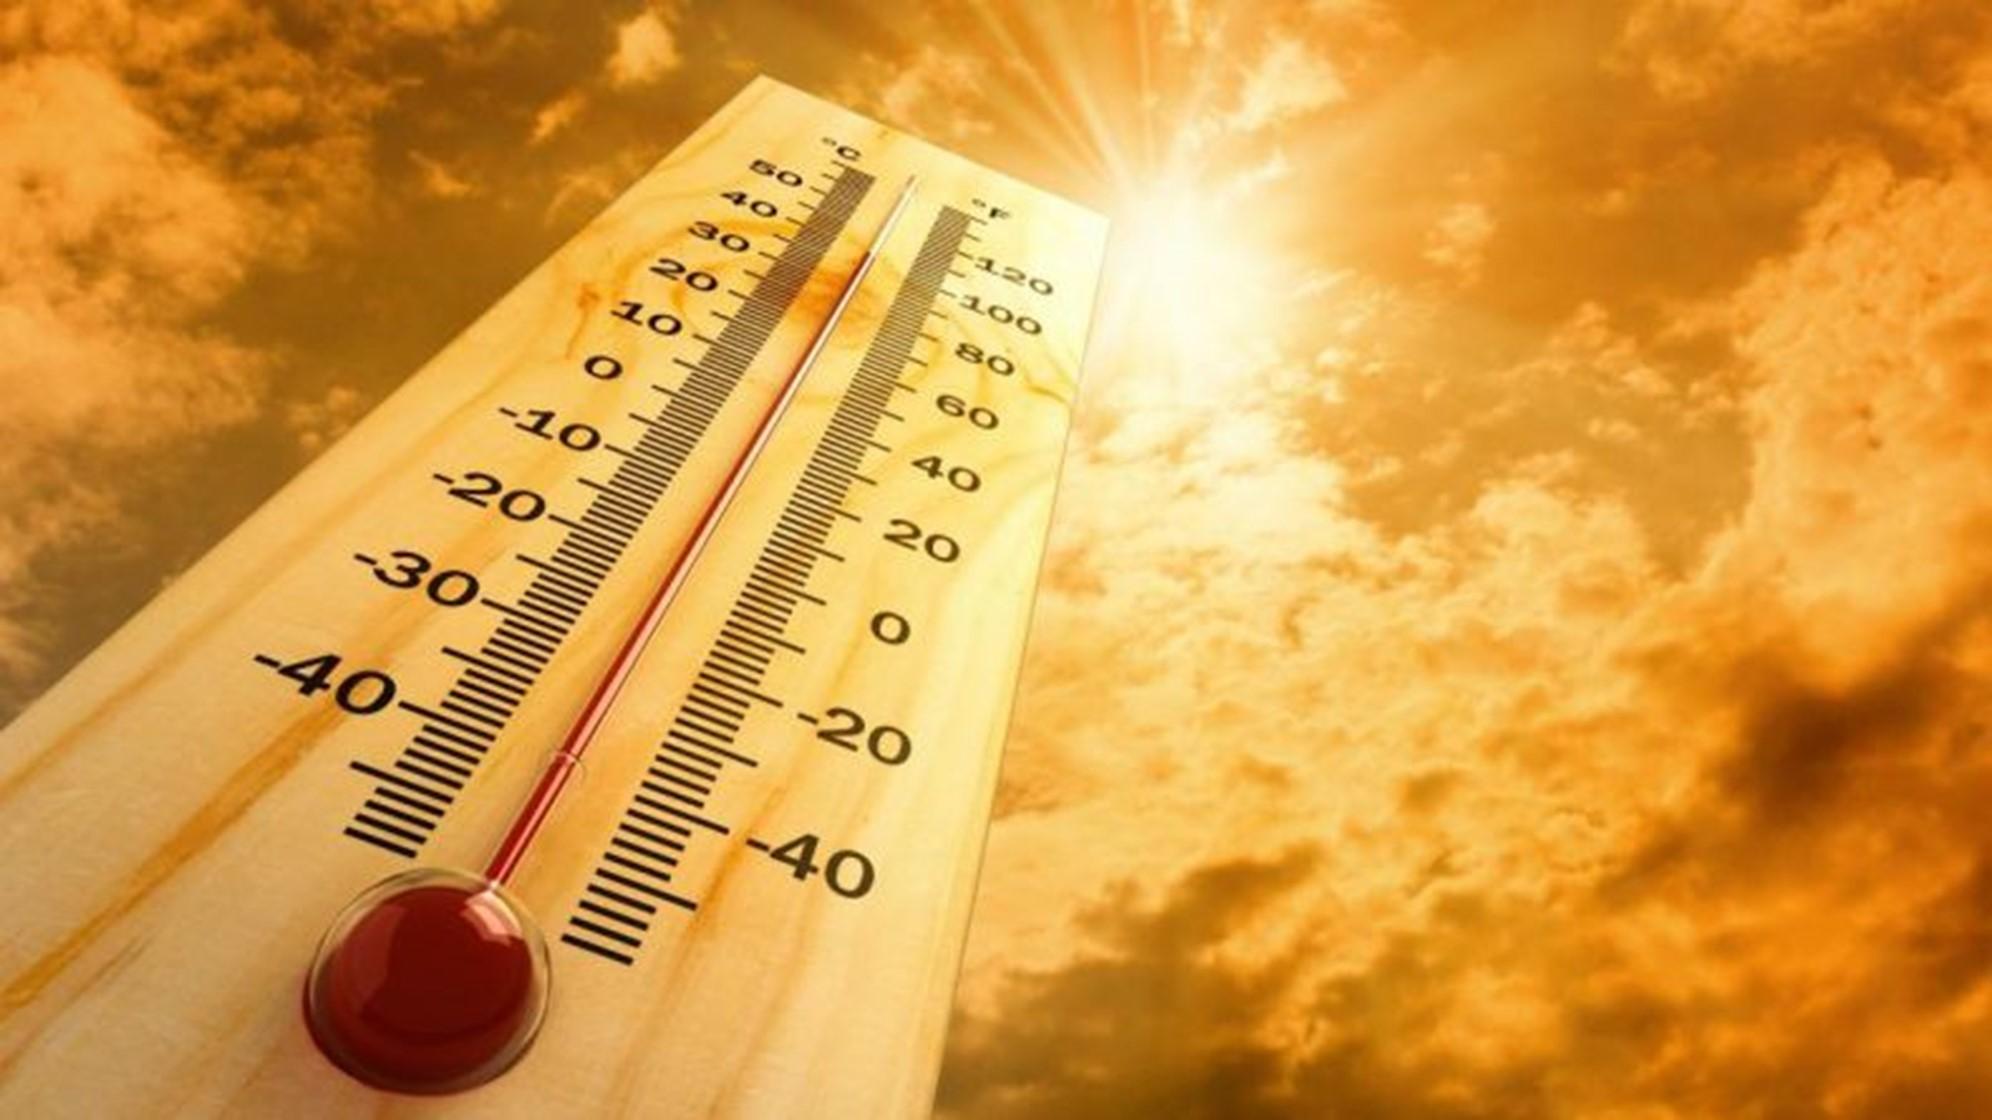 Heat Alert – Überwachung des Stadtklimas bei fortschreitendem Klimawandel